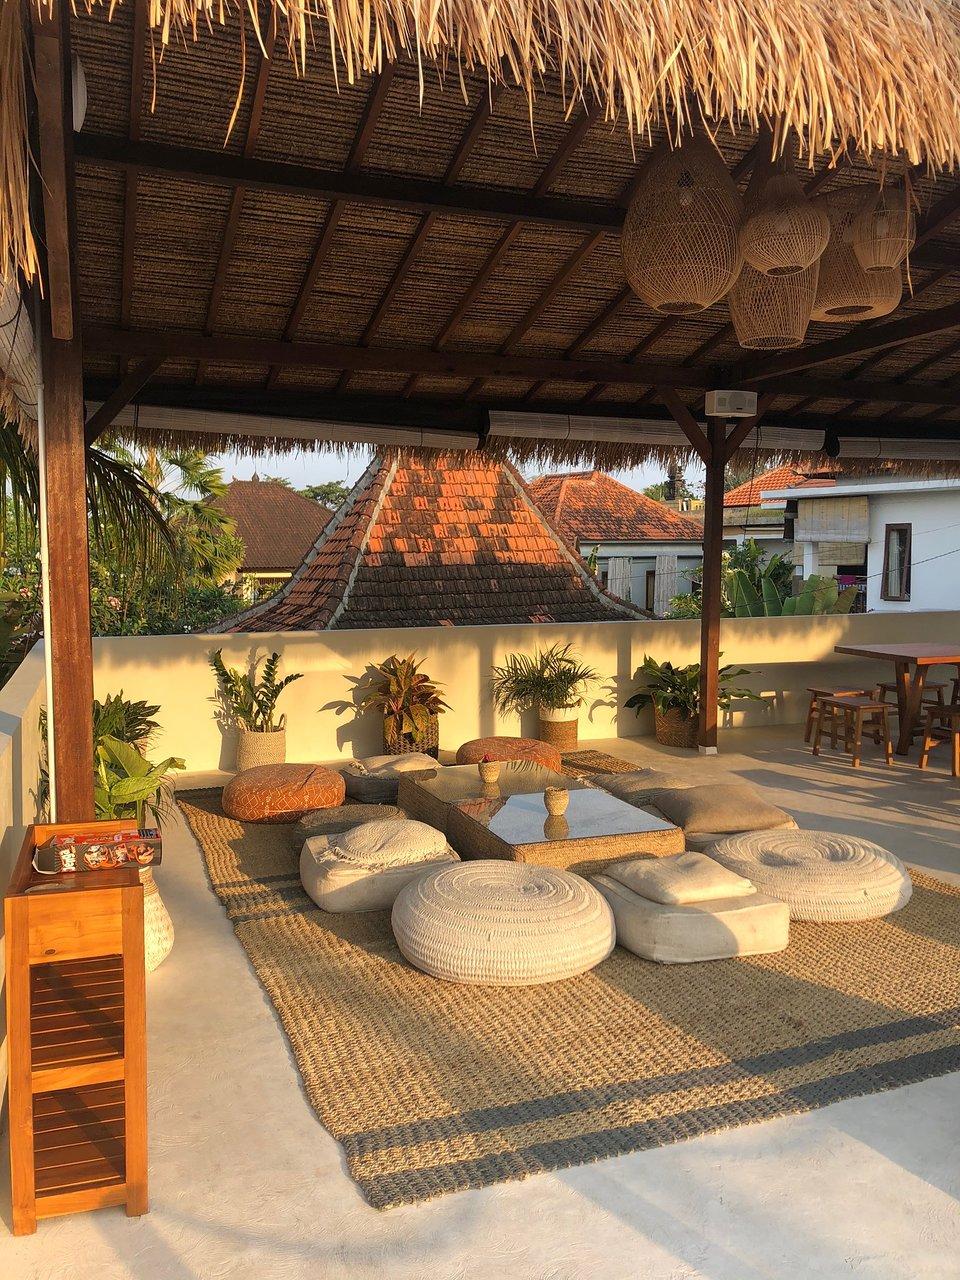 Full Size of Bali Bett Outdoor Kaufen Arya Hostels Bewertungen Joop Betten Weißes 140x200 90x200 Weiß Mit Schubladen Somnus Minimalistisch Massivholz 140 Barock Kopfteil Wohnzimmer Bali Bett Outdoor